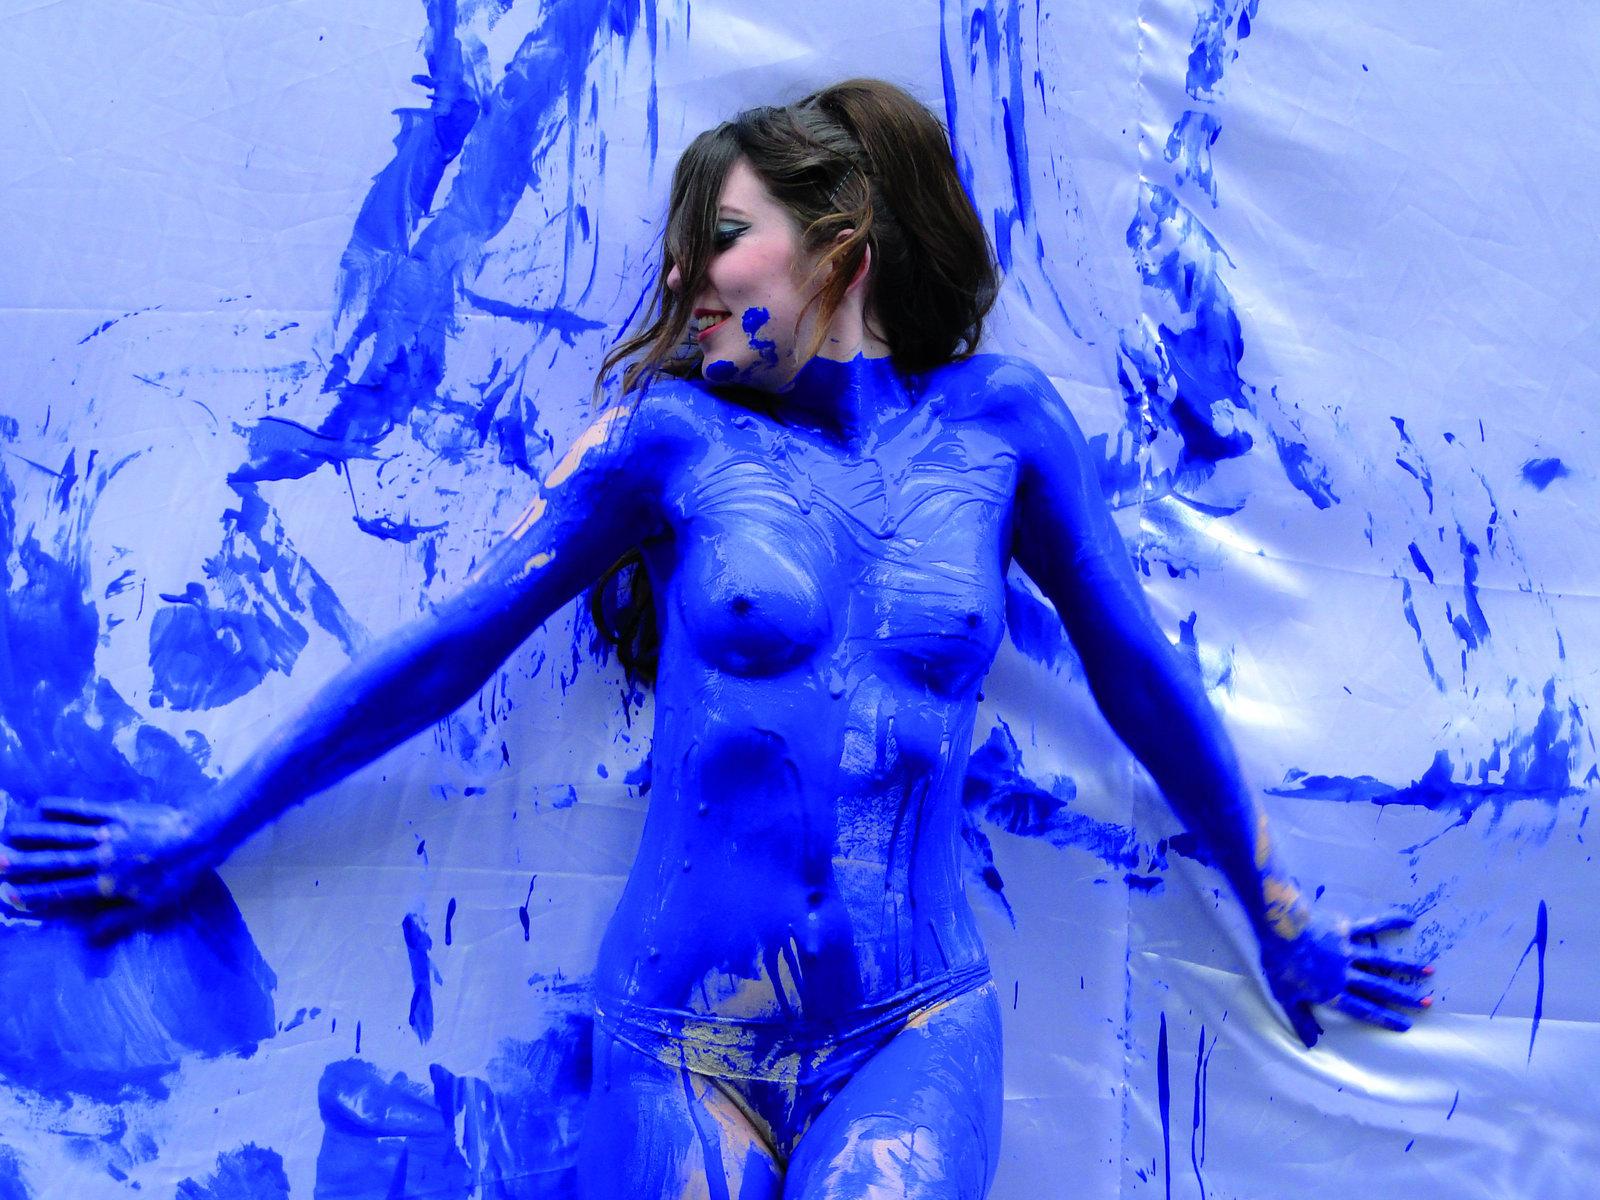 Разрисованная голая фото, Жёсткие супер эротические приколы - Слабонервным не 2 фотография